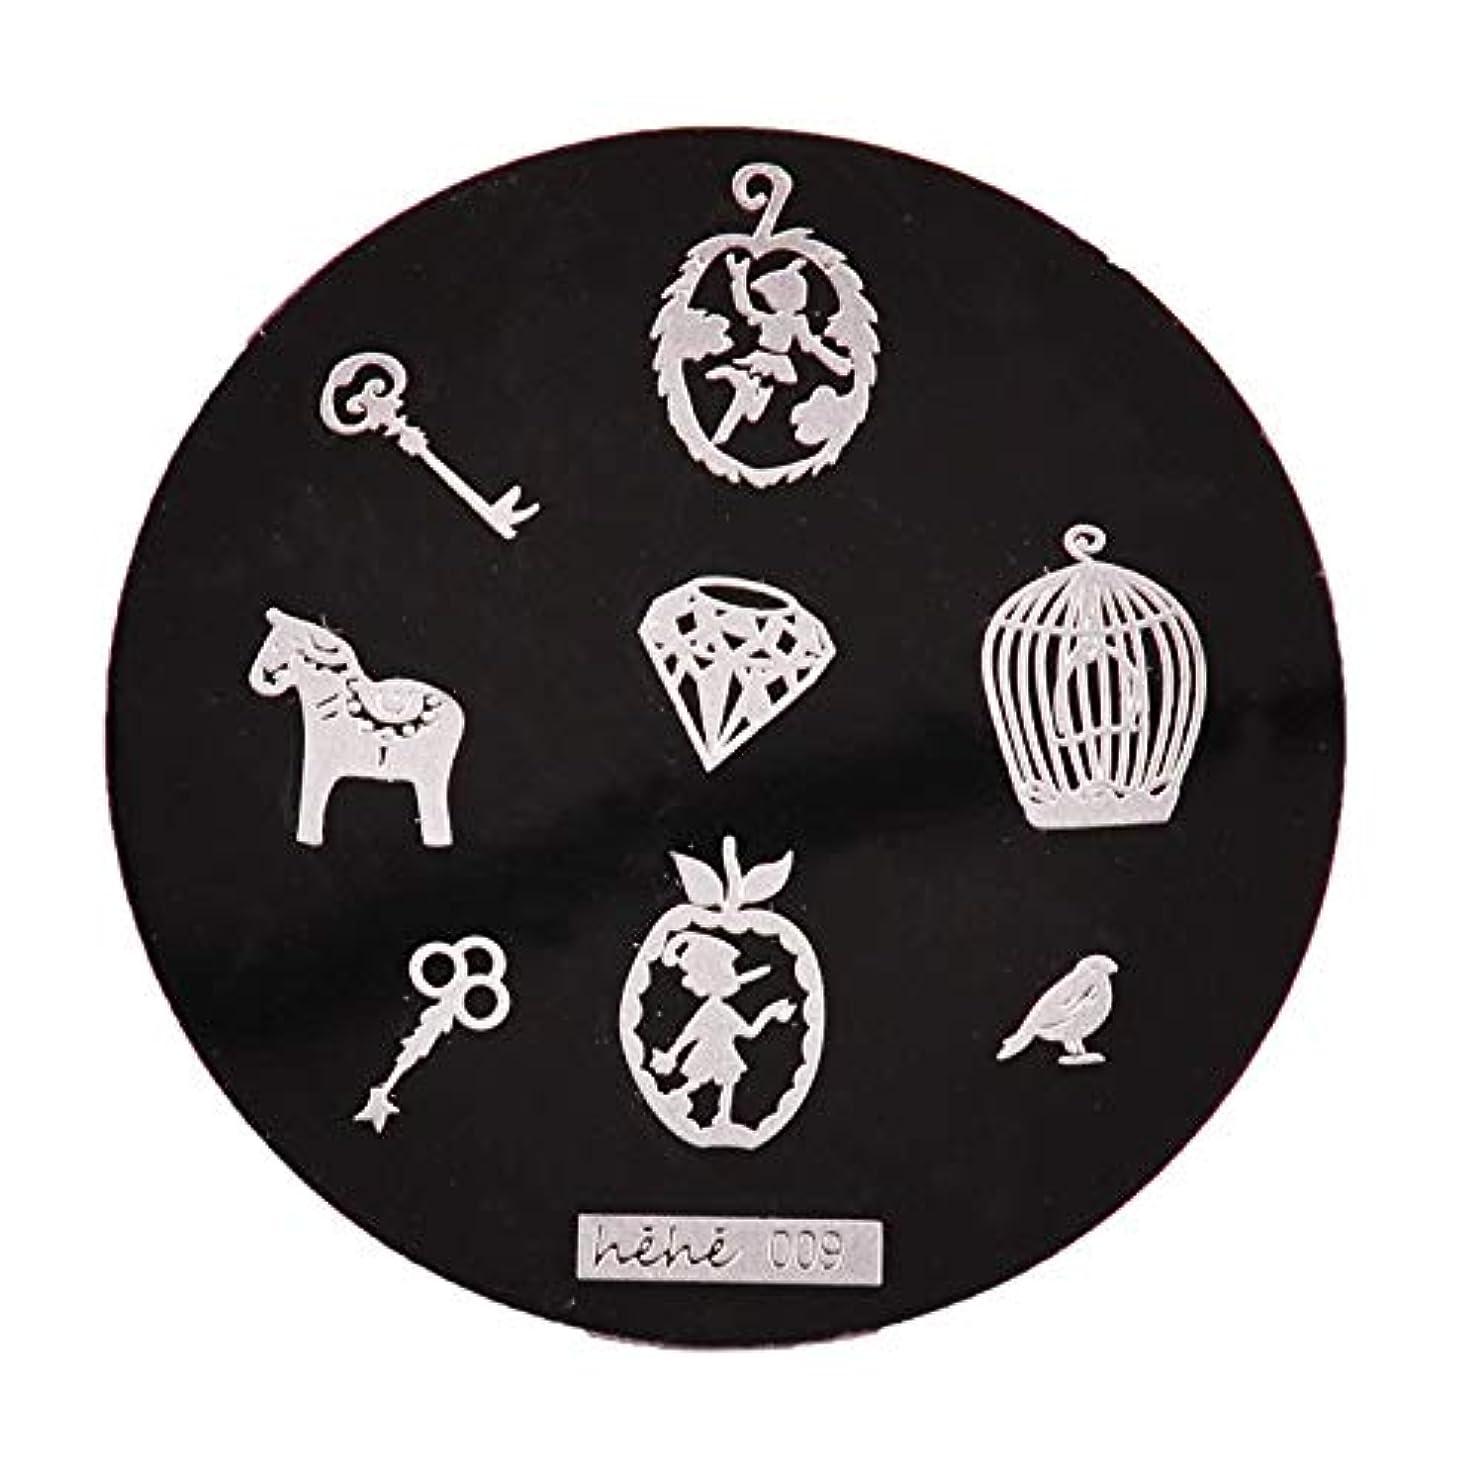 相対性理論西壮大Yoshilimen スマートネイルアートネイル丸板印刷プレート(None 09)